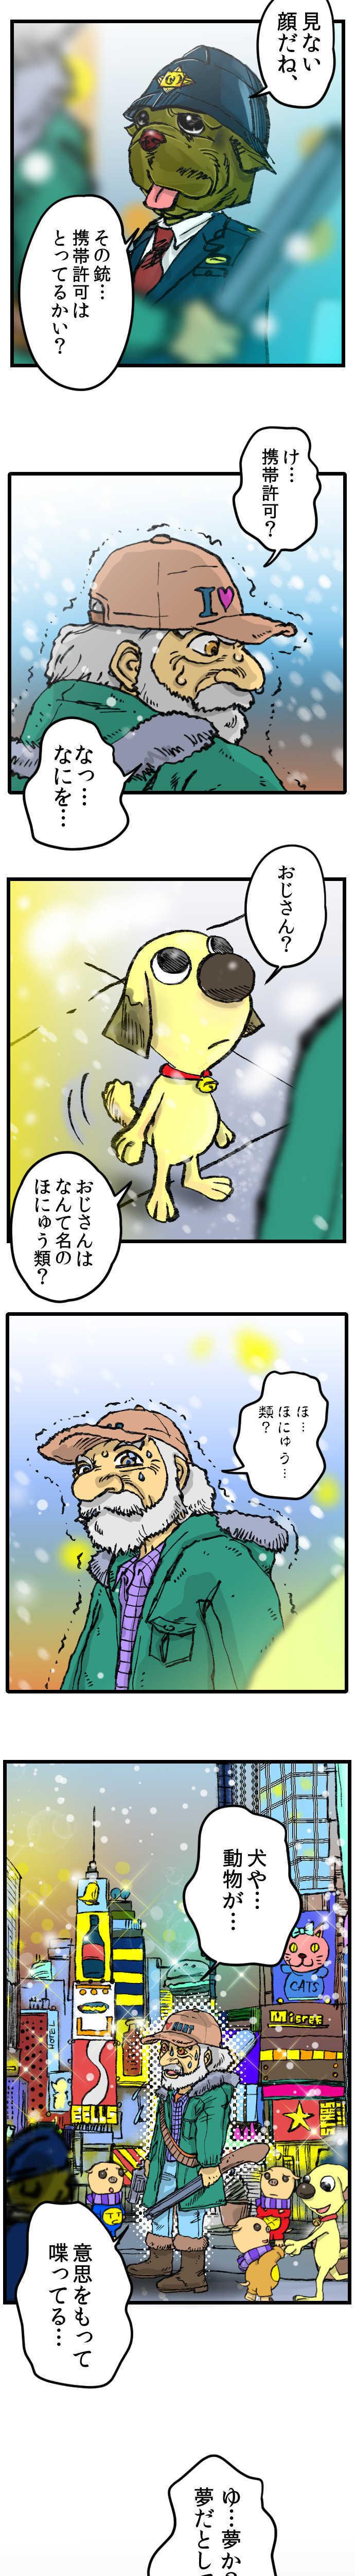 第18話 ボルケーノ(1/5)